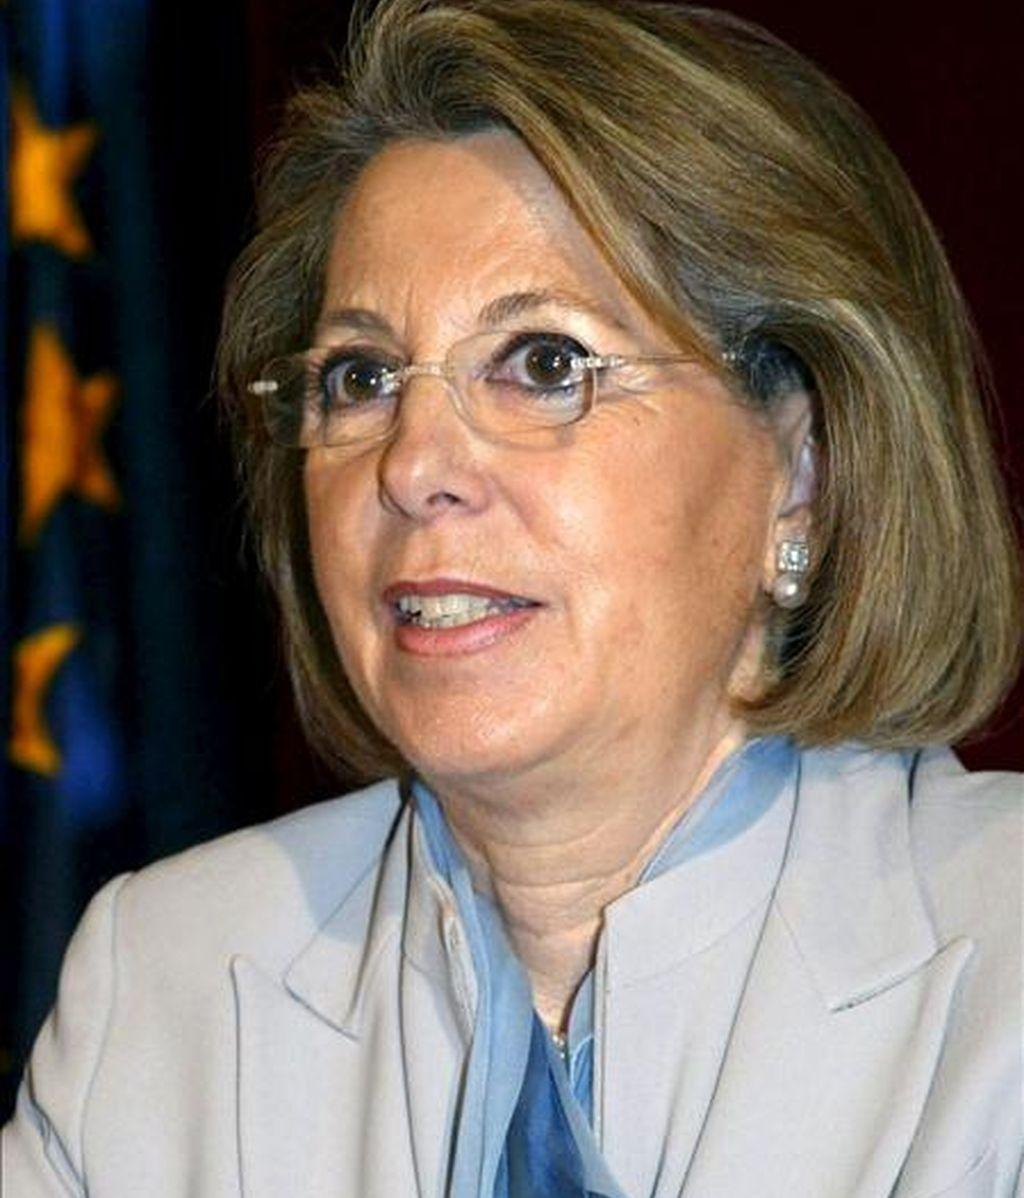 La que fue ministra de Administración Públicas y delegada del Gobierno en Cataluña durante los mandatos del PP, Julia García-Valdecasas. EFE/Archivo